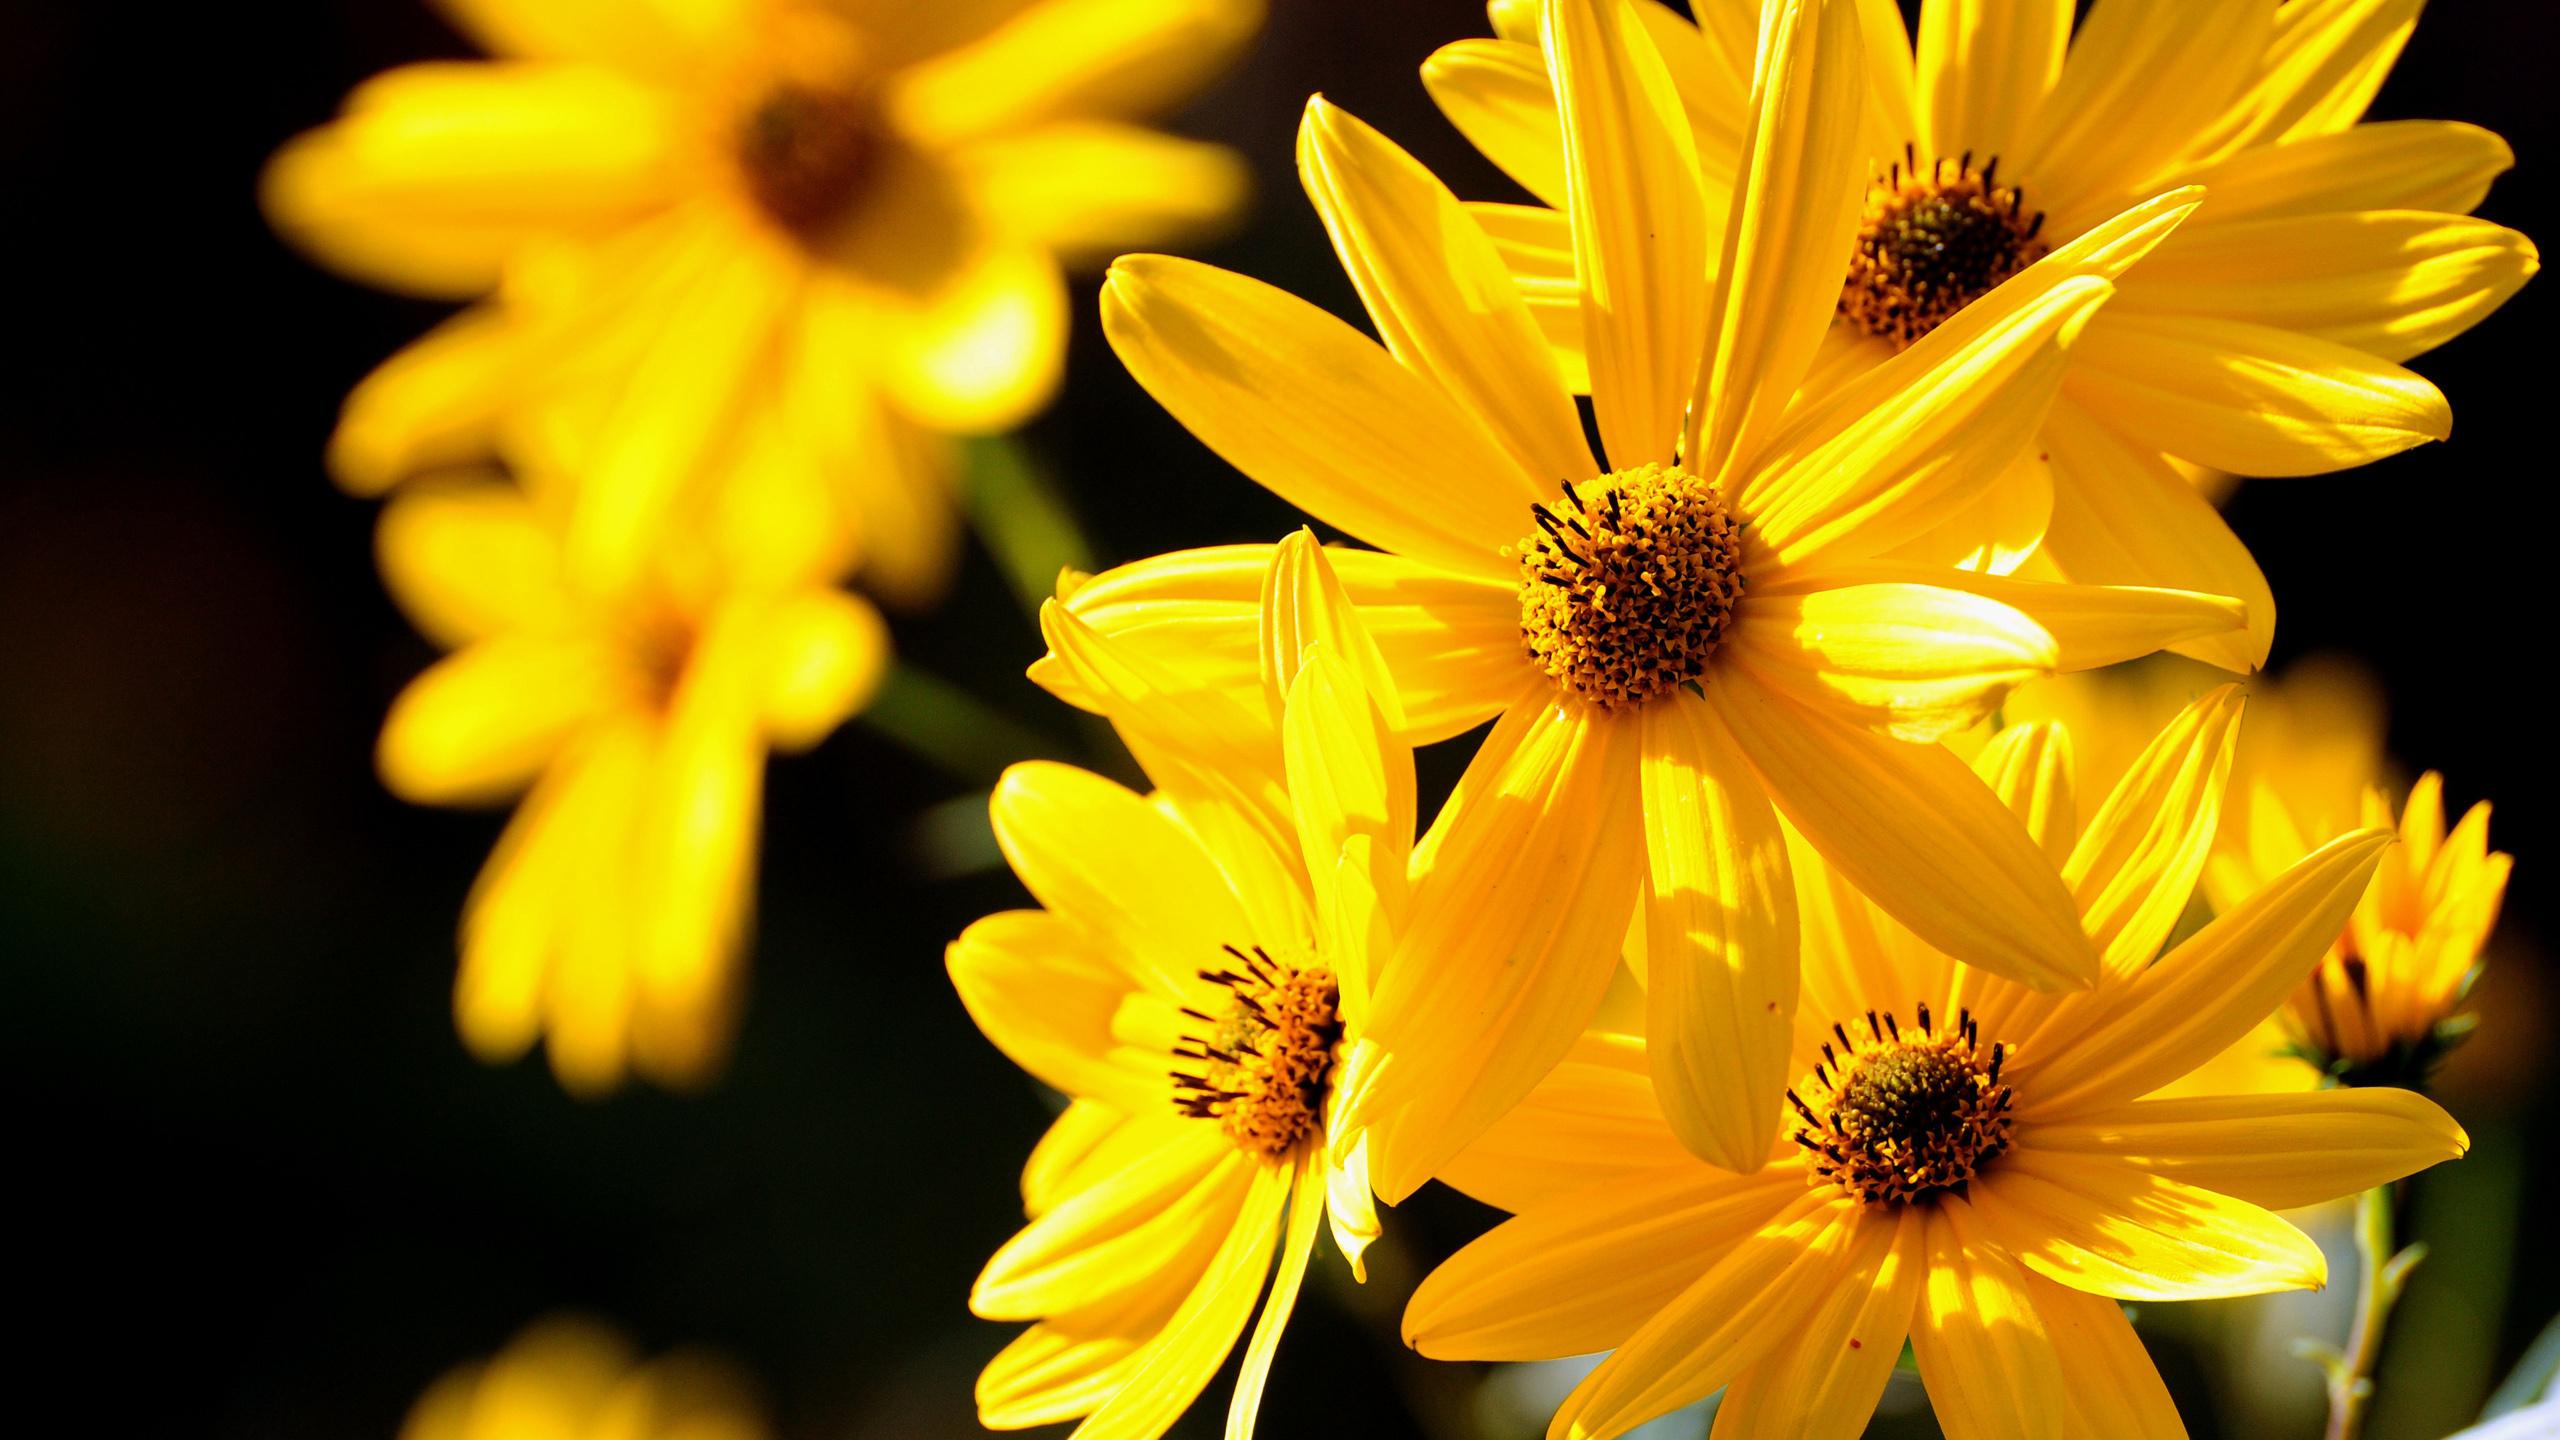 цветок желтый flower yellow  № 1246575 загрузить